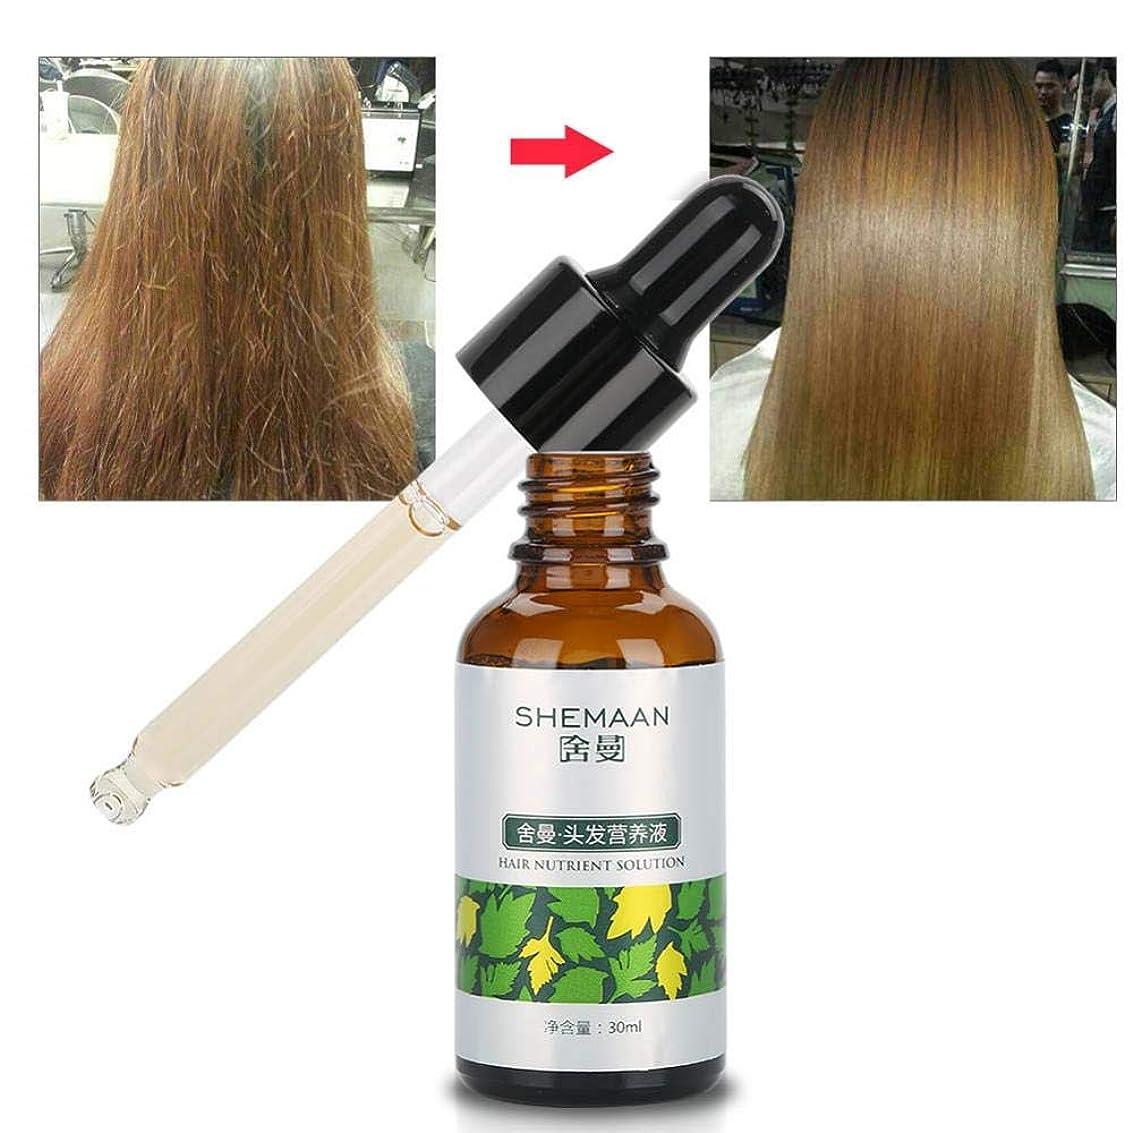 非難回転する高さオイルヘア製品、30mlユニセックスセラムにより、髪を滑らかで柔らかく、明るい髪にします。髪のもつれや枝毛を減らします。